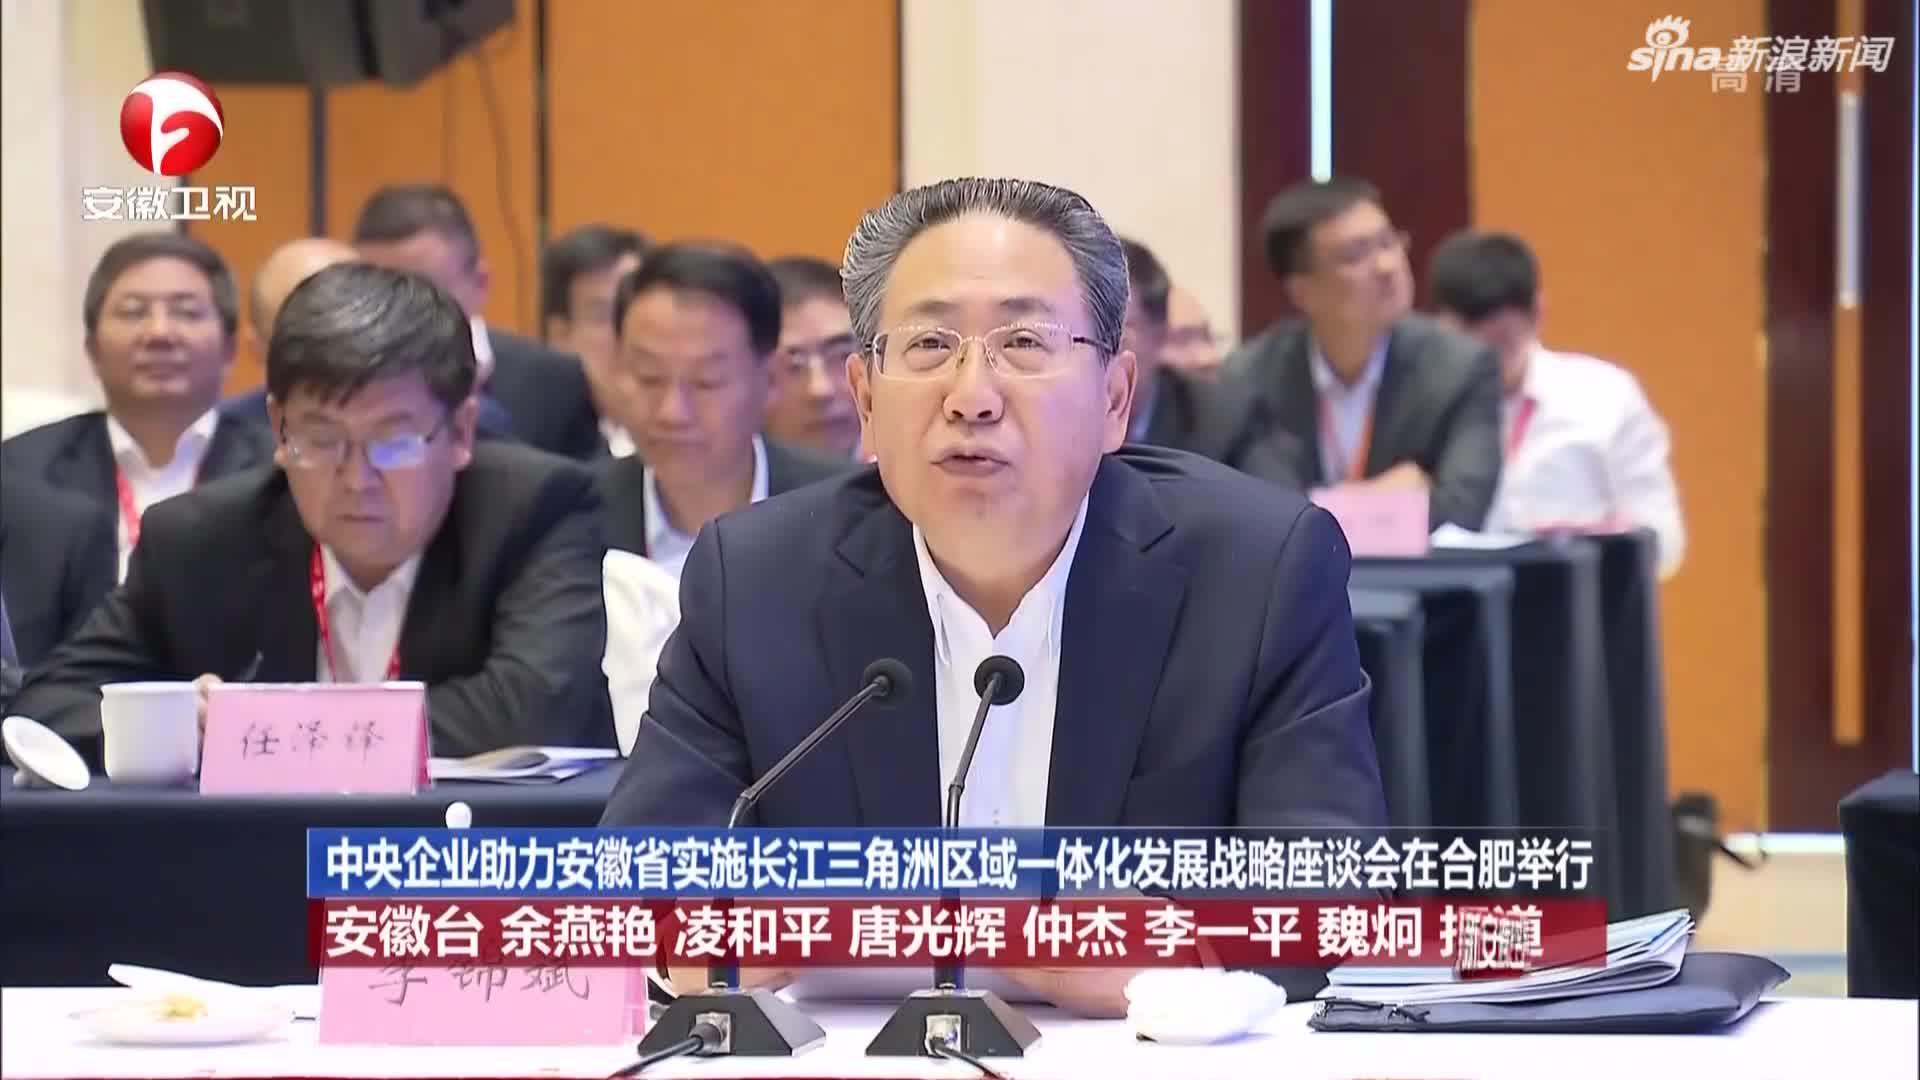 《新安夜空》中央企业助力安徽省实施长江三角洲区域一体化发展战略座谈会在合肥举行